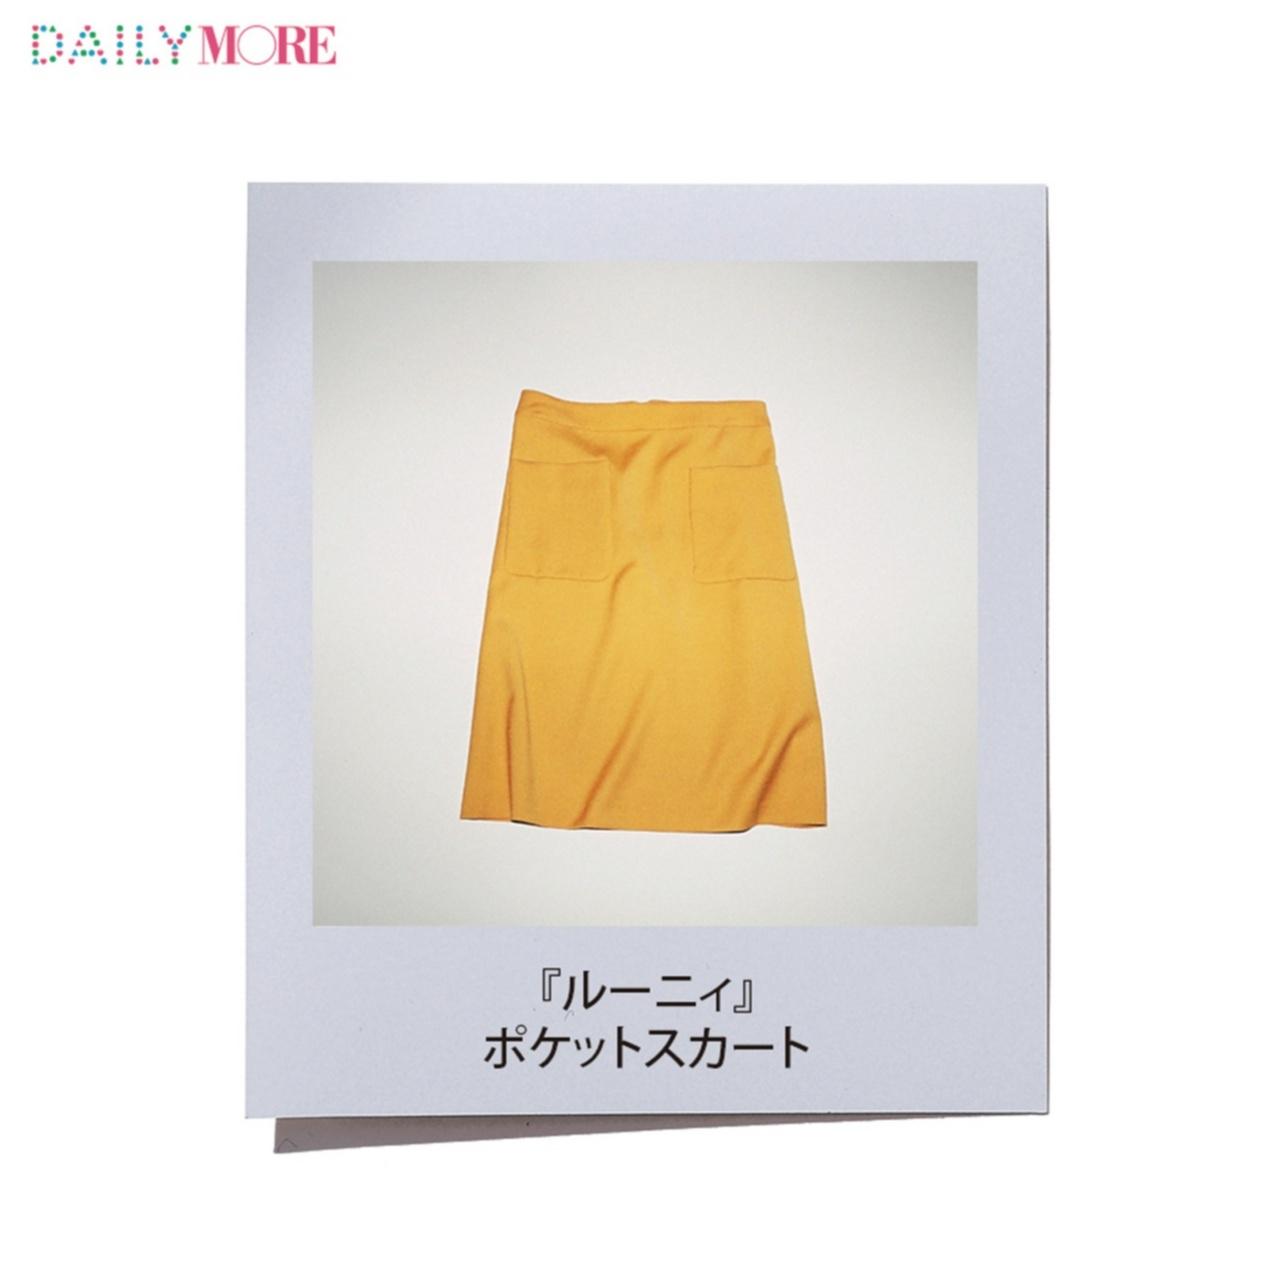 """""""隠れた名品""""あなたは知ってた? 人気ブランドの「実は売れてる服」まとめ♡_1_10"""